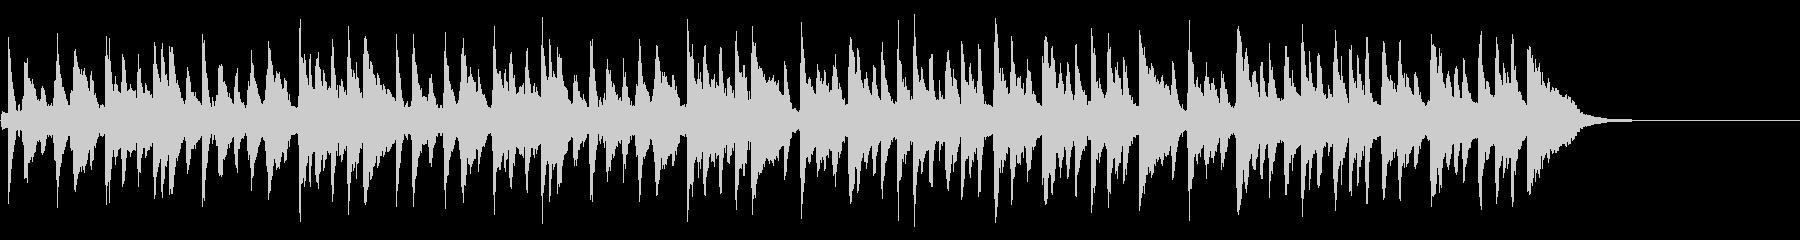 最初のワルツ集26番(シューベルト作曲)の未再生の波形